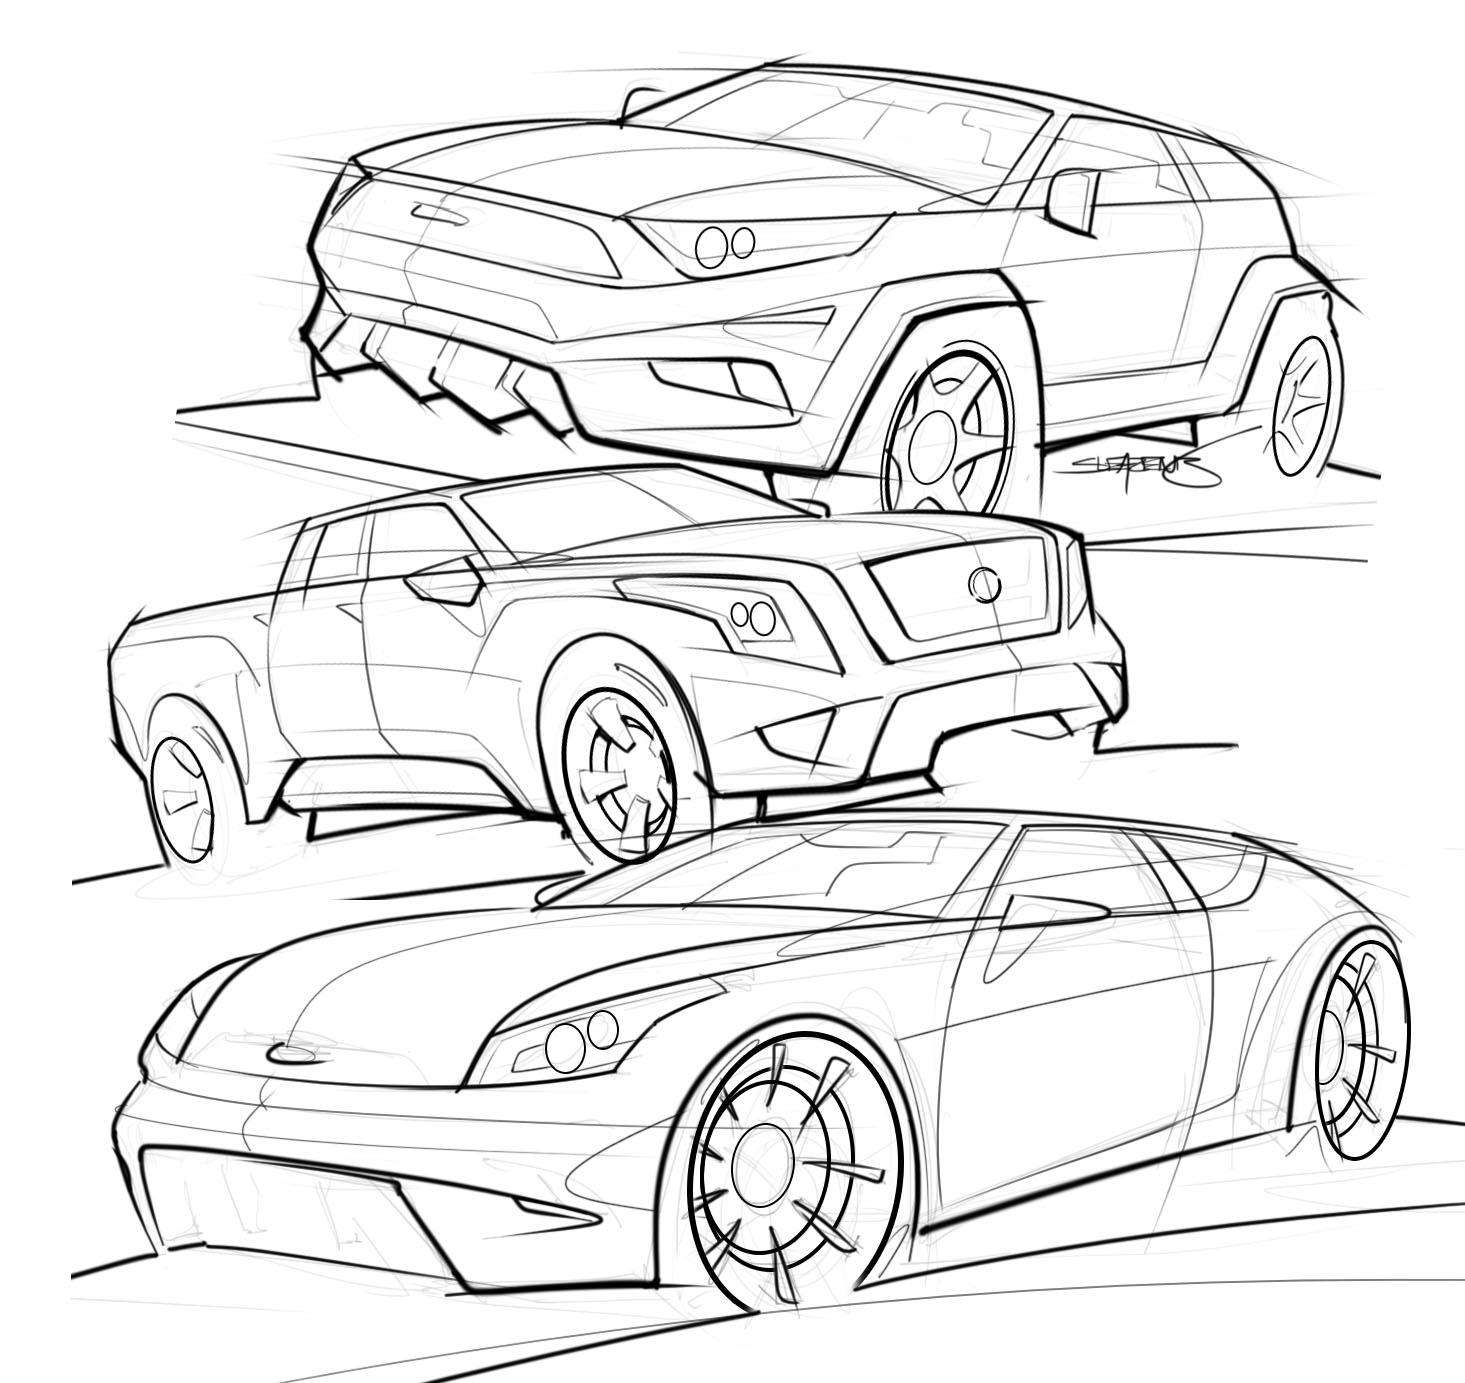 Mazda Rx7 Vacuum Diagram. Mazda. Auto Wiring Diagram